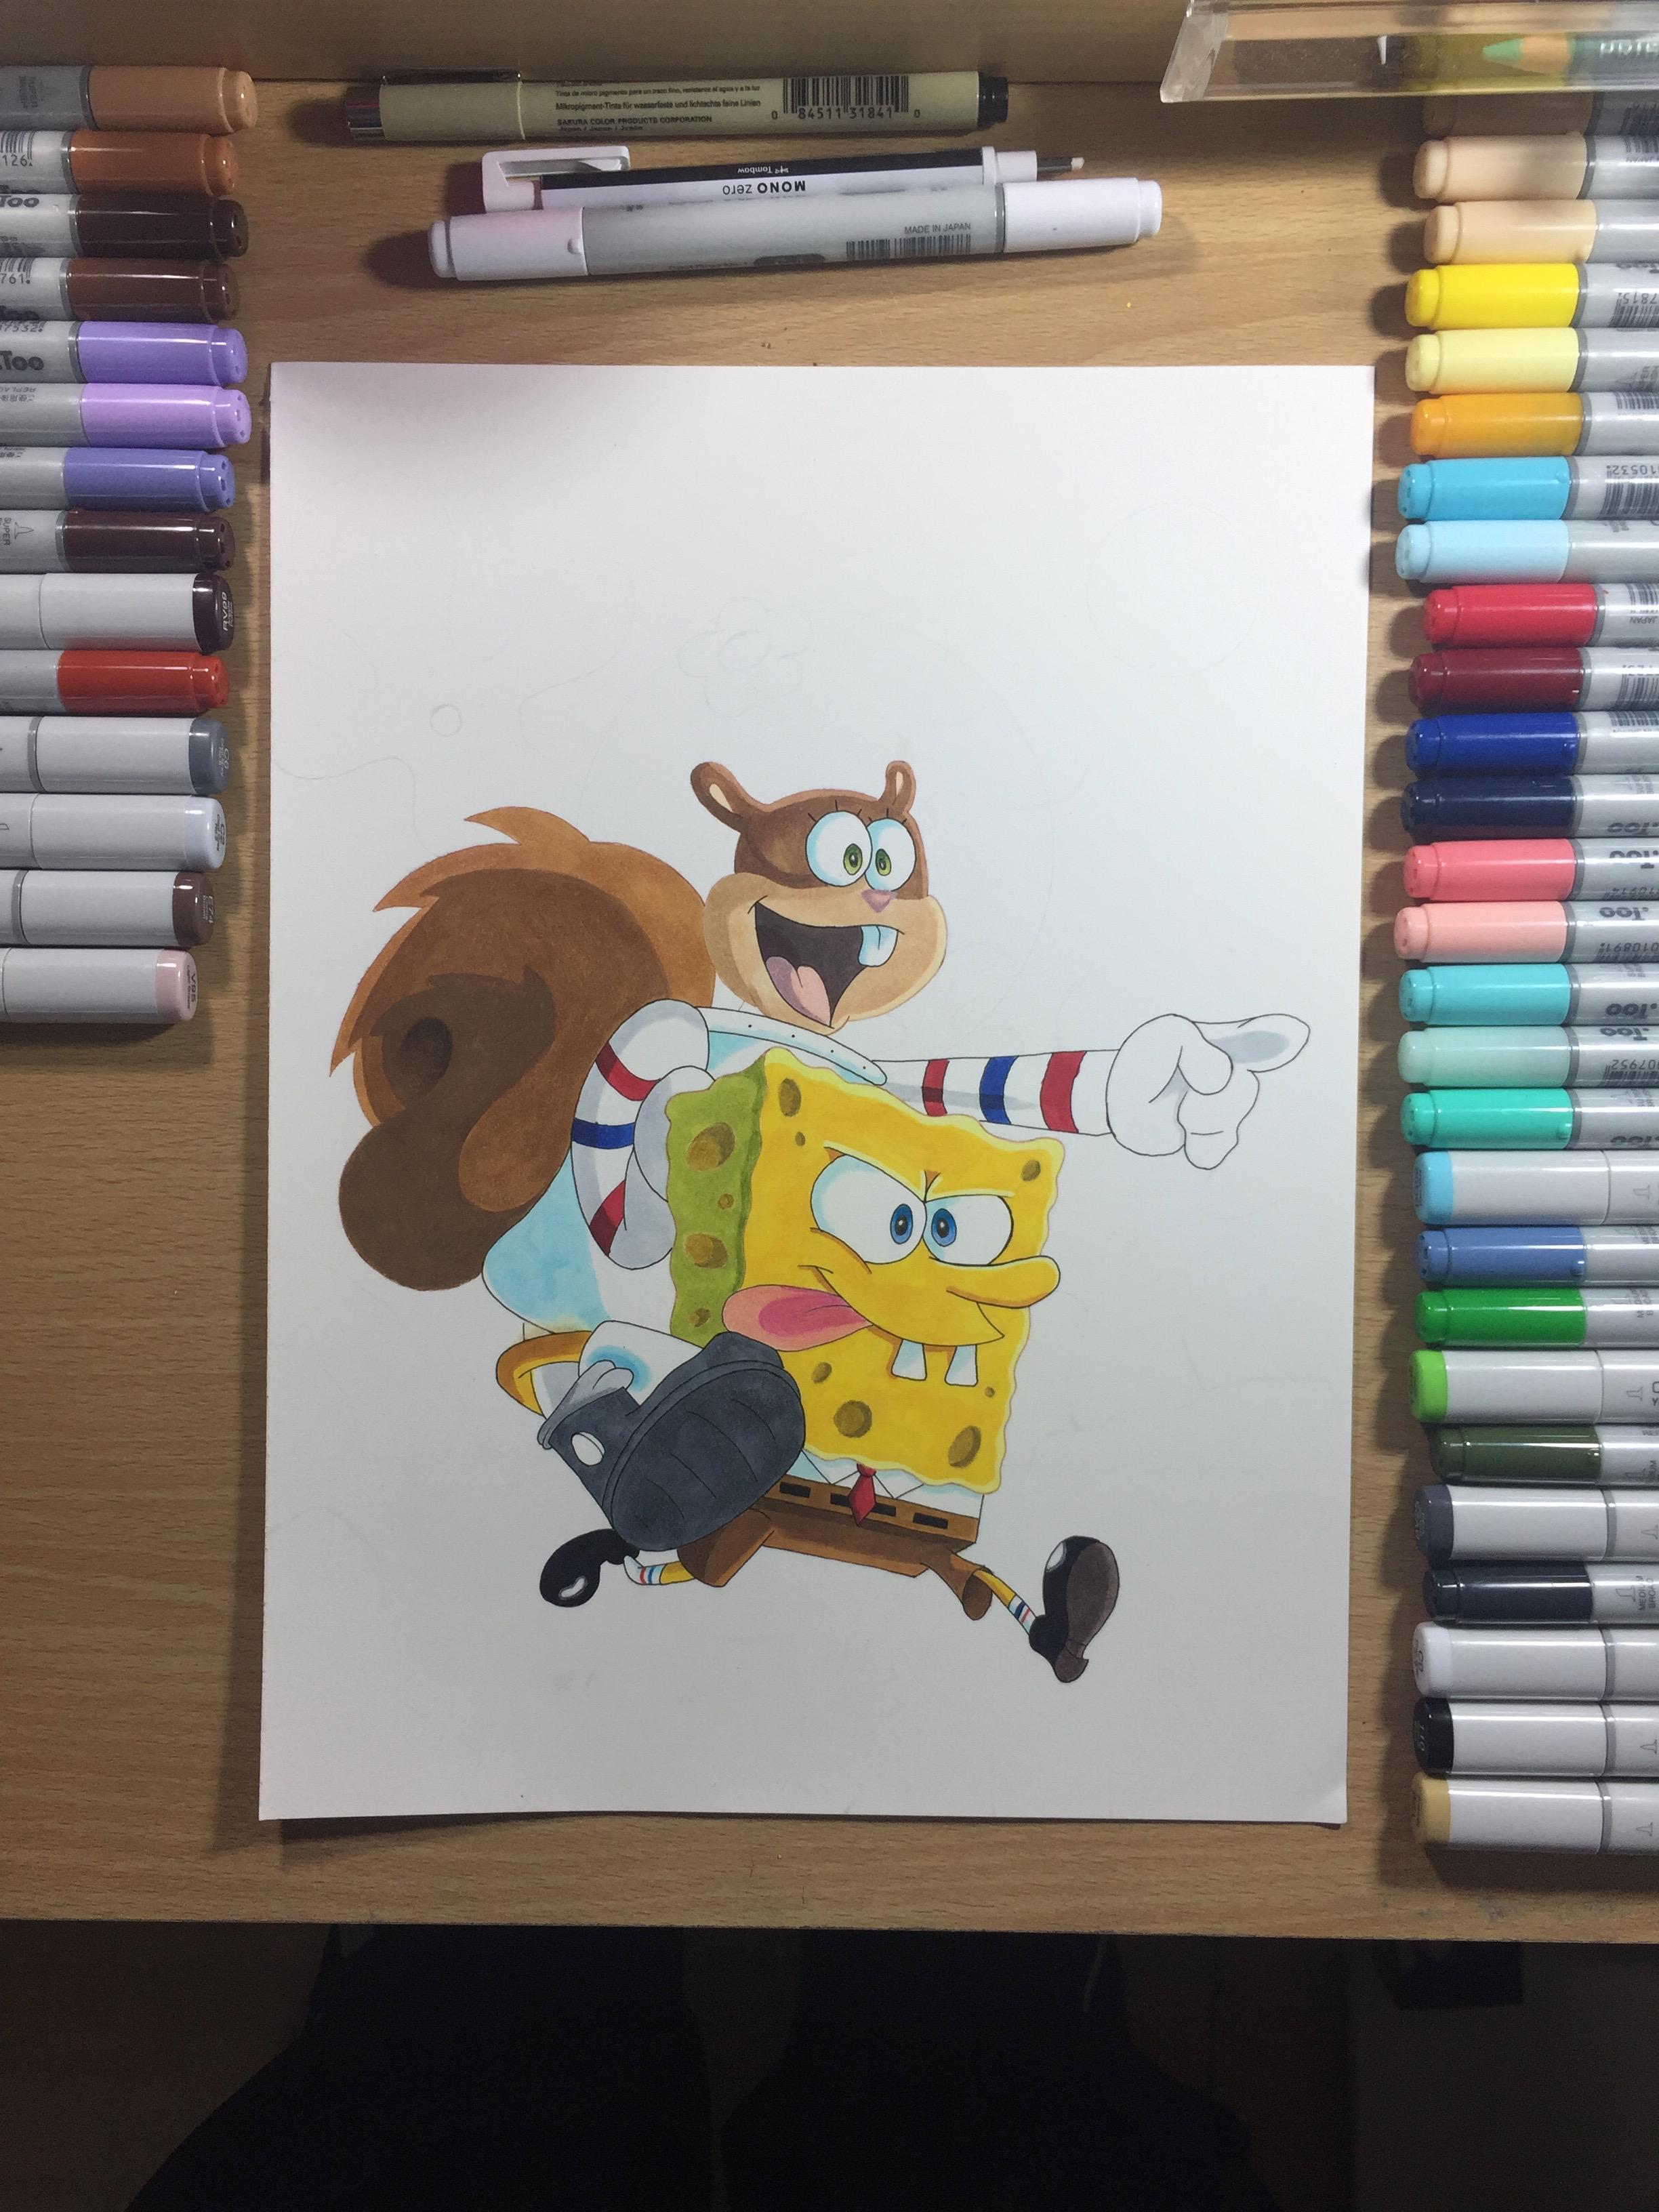 Spongebob 4.jpg